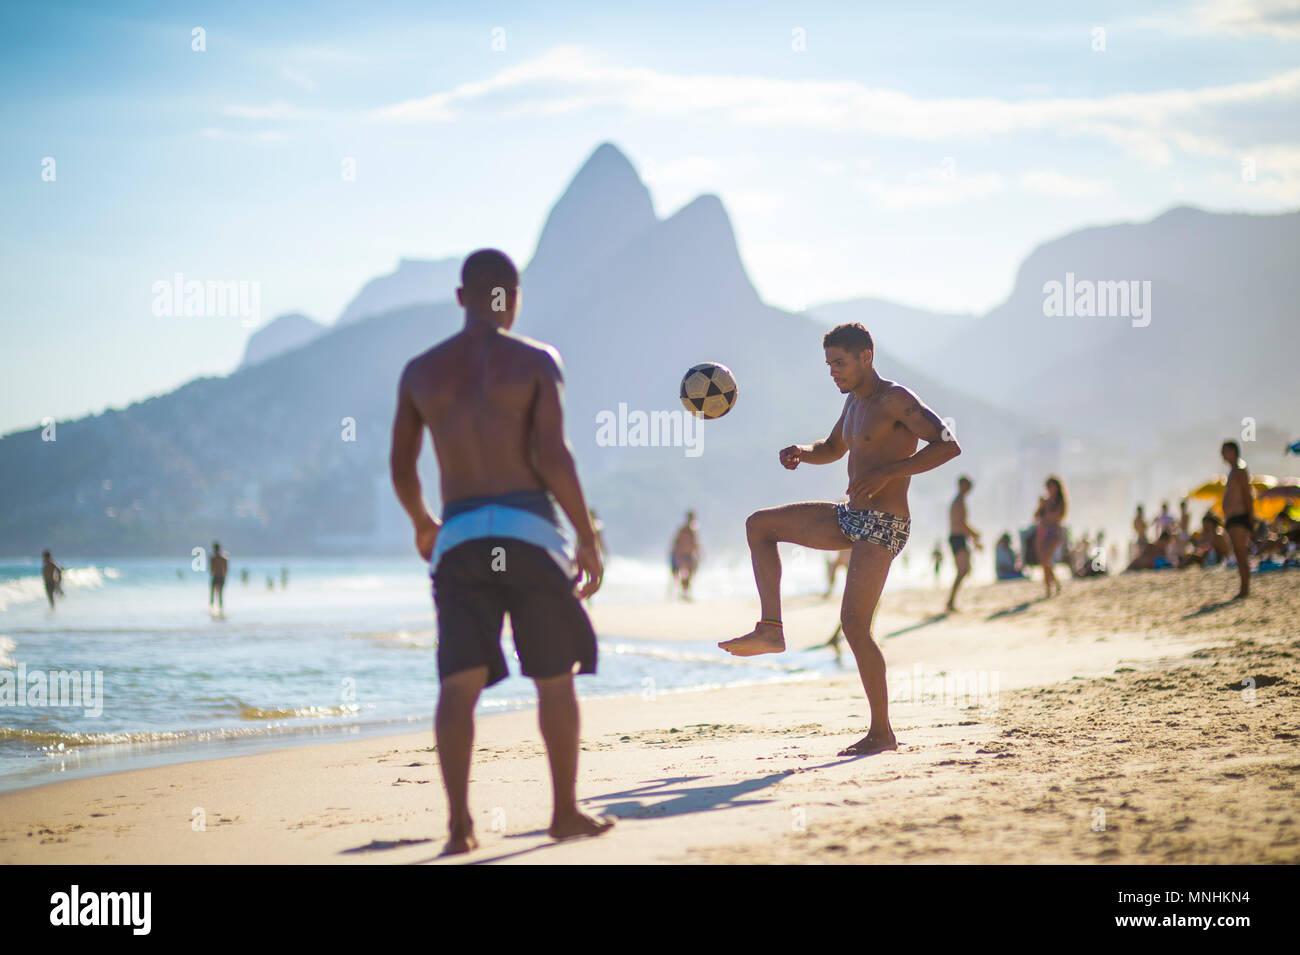 RIO DE JANEIRO, BRASILIEN - ca. März 2018: Junge Brasilianer spielen Sie eine Partie Fußball Keepy Uppy'-altinho' am Ufer des Ipanema Beach. Stockfoto